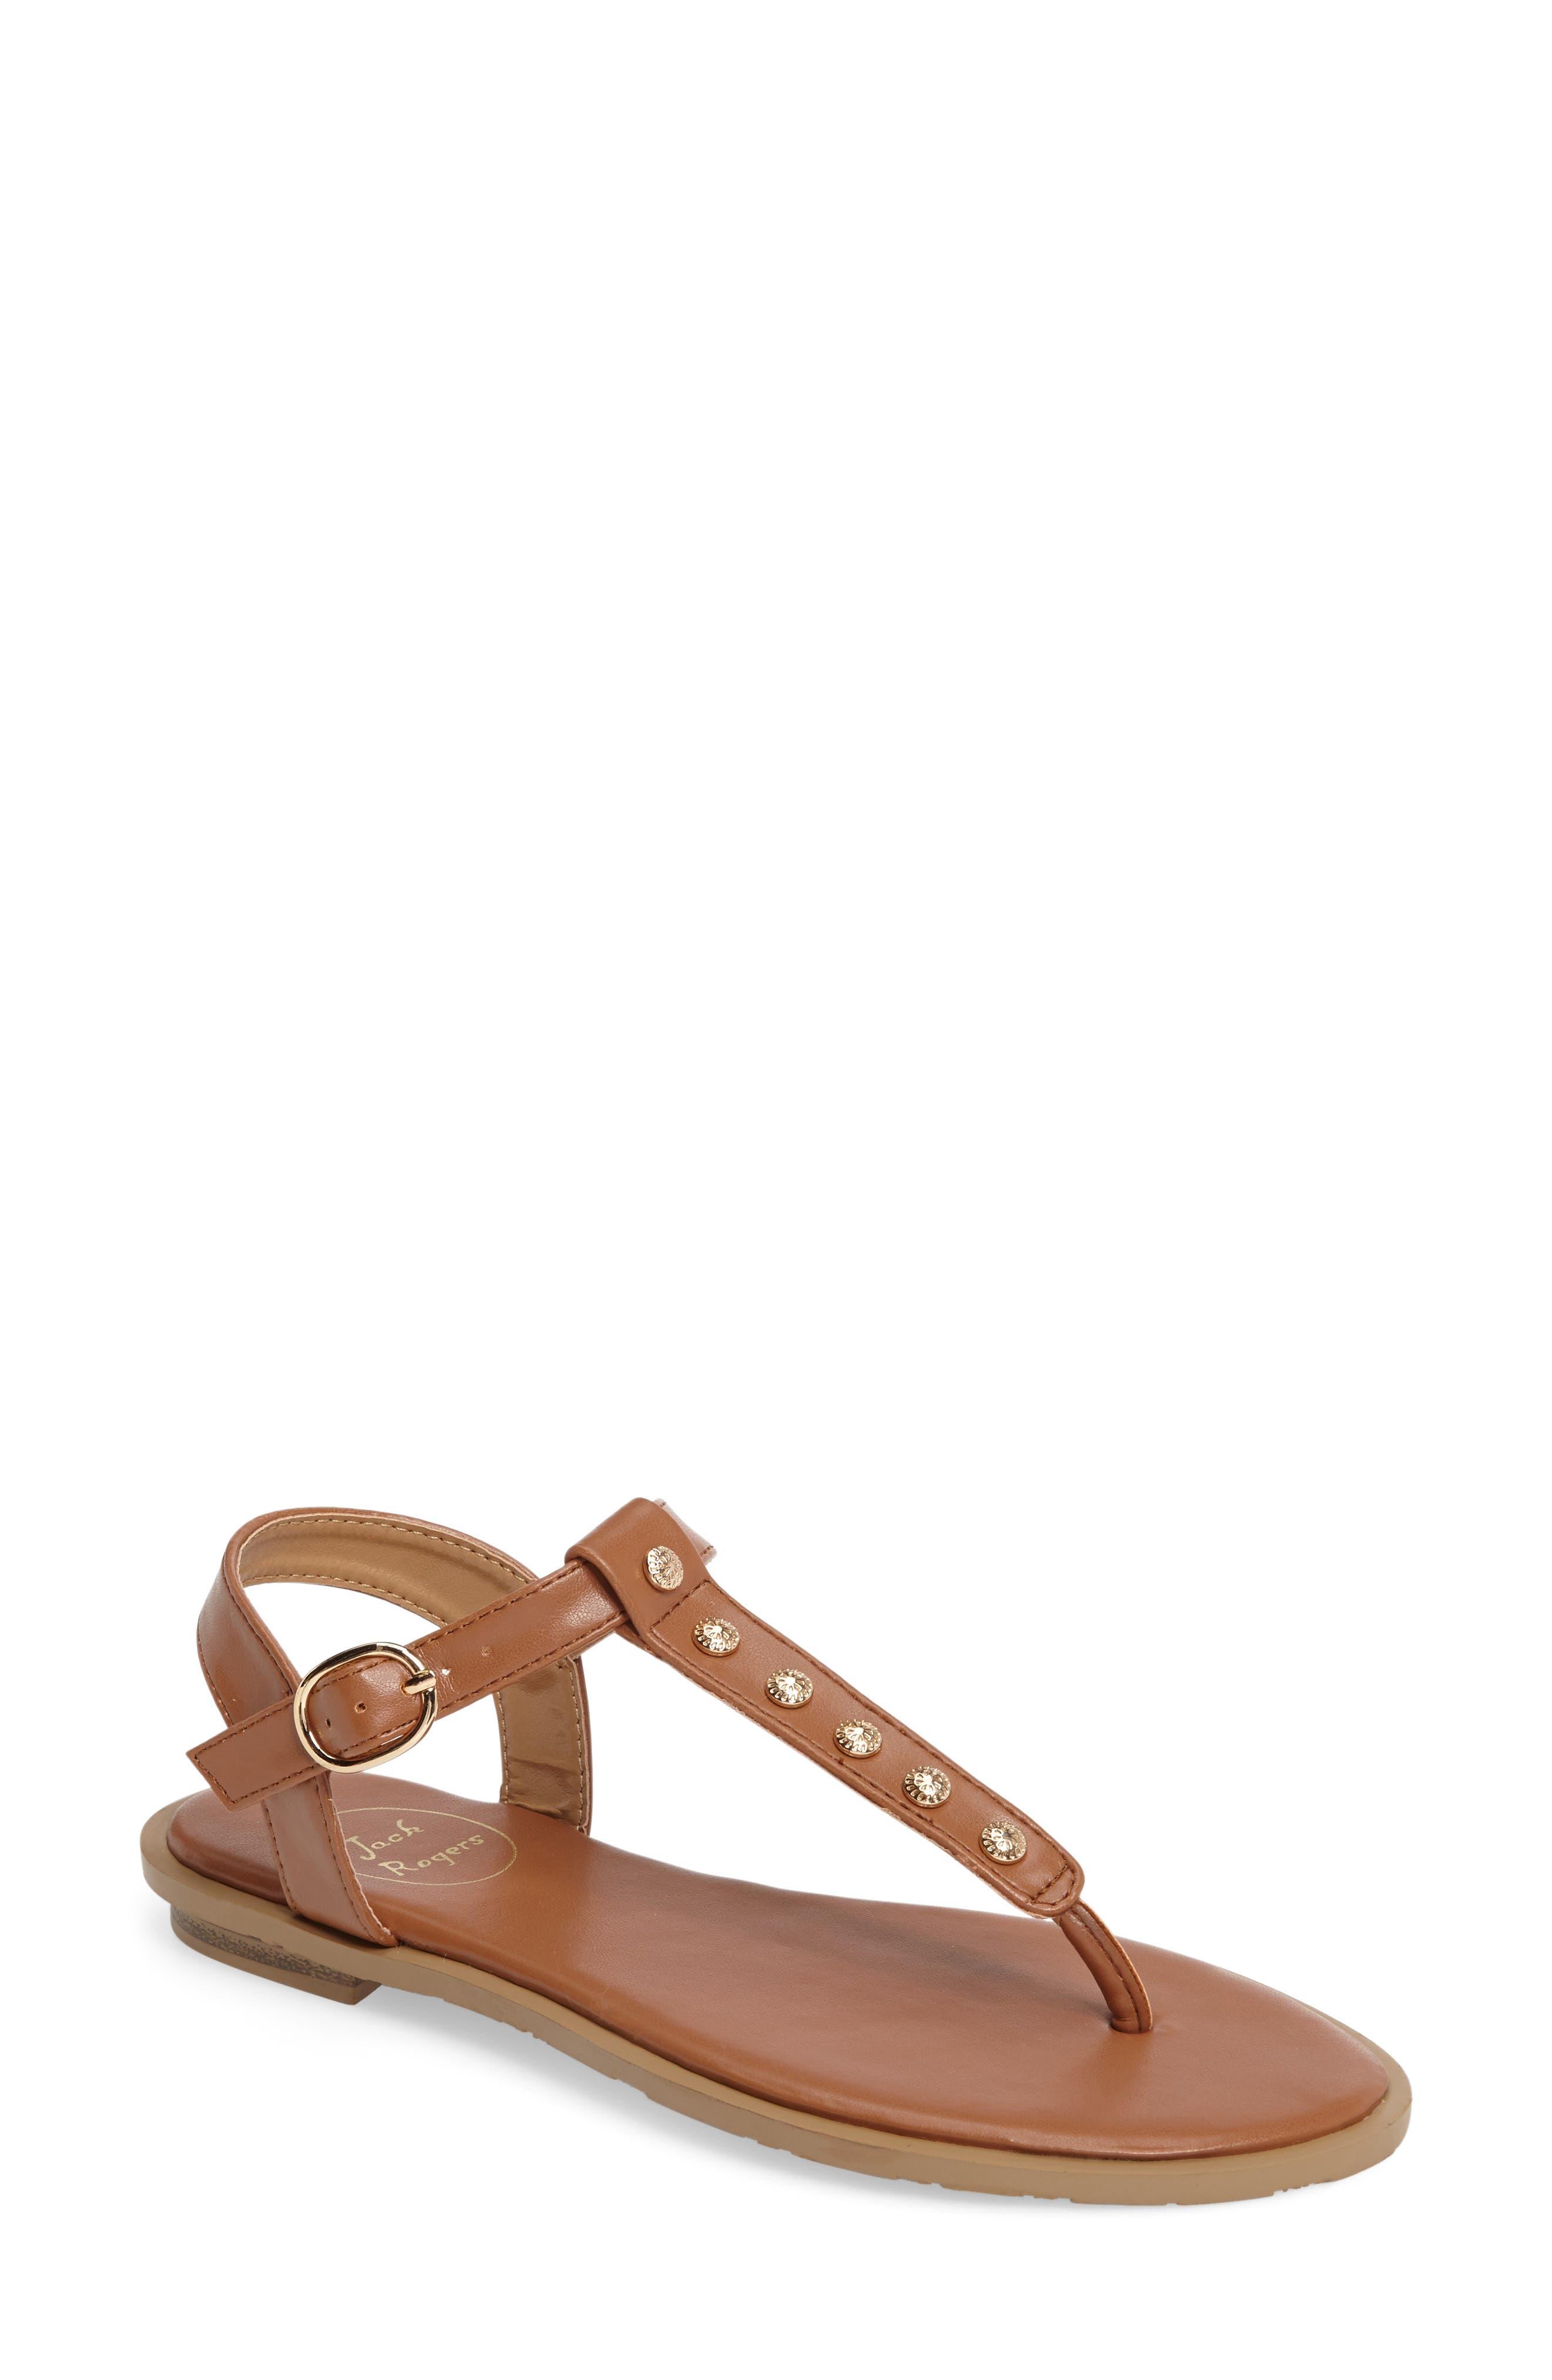 Kamri T-Strap Sandal,                             Main thumbnail 3, color,